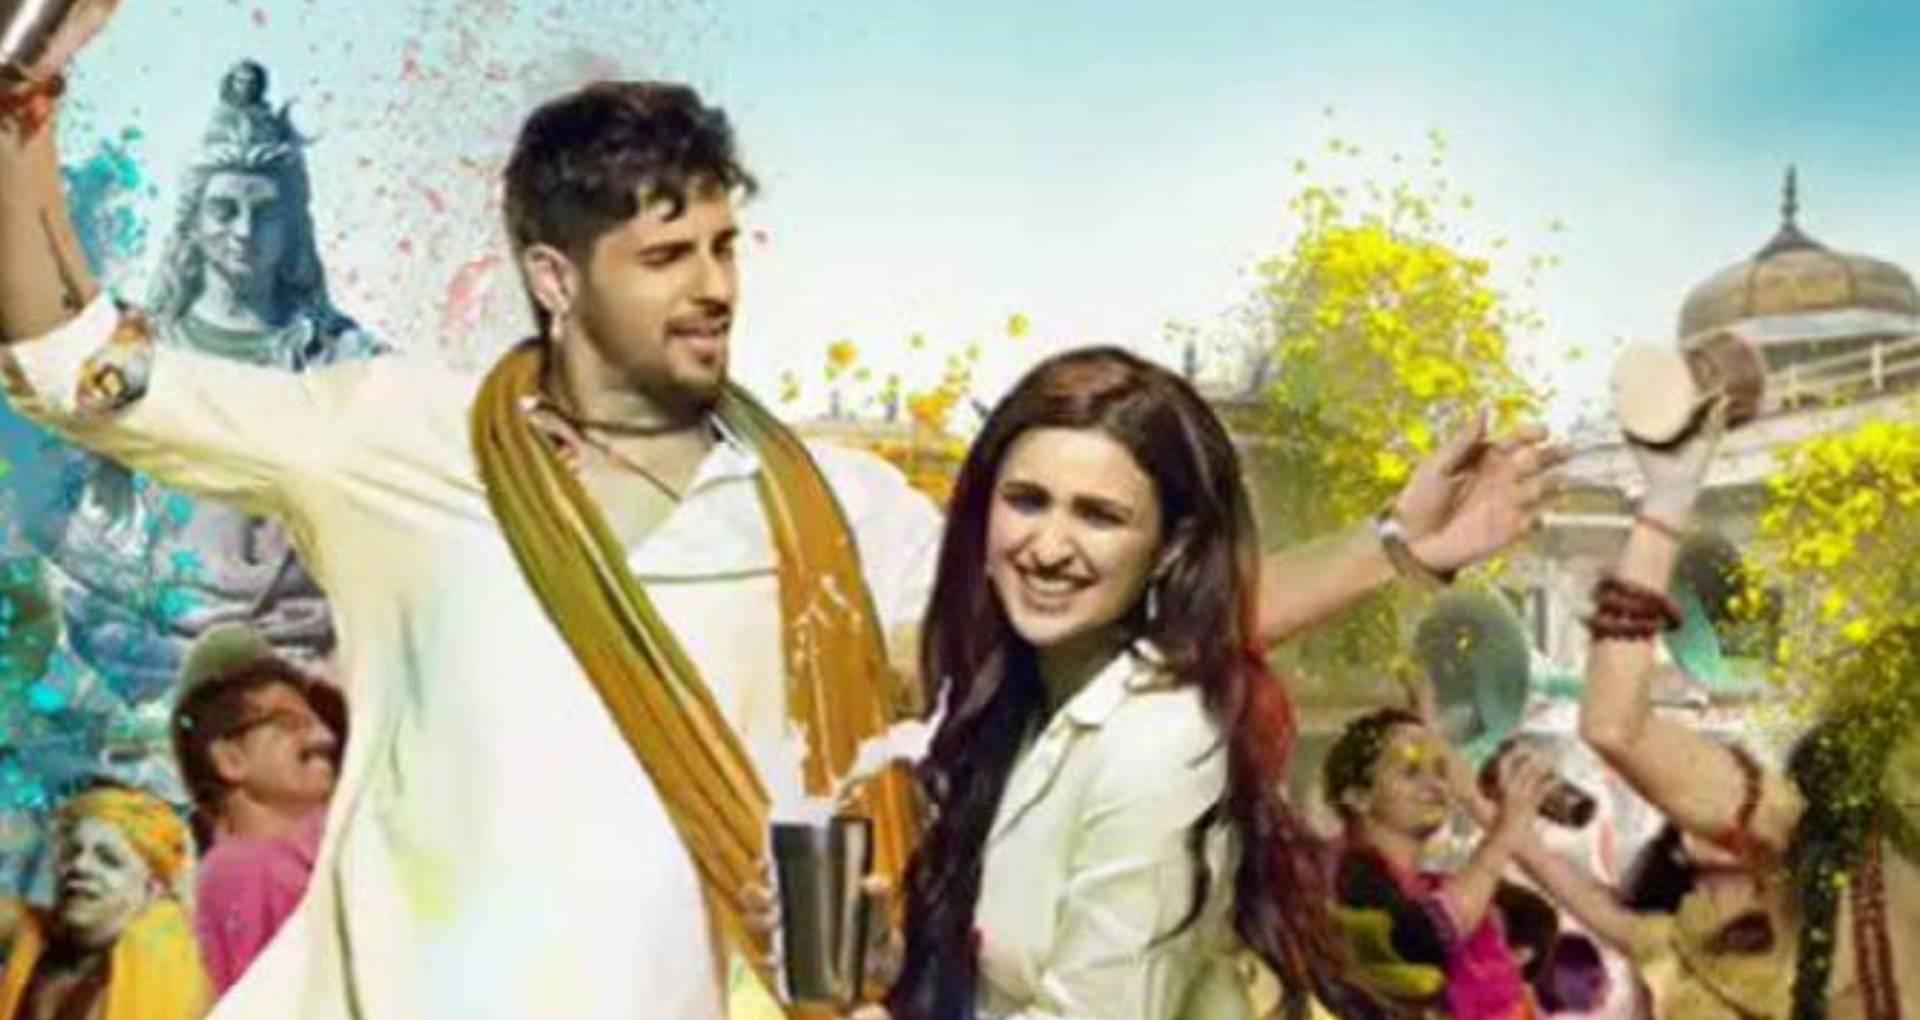 फिल्म जबरिया जोड़ी में होगा भोजपुरी के इस सुपरहिट गाने का रीमेक वर्जन, ठुमके लगाते दिखेंगे सिद्धार्थ मल्होत्रा